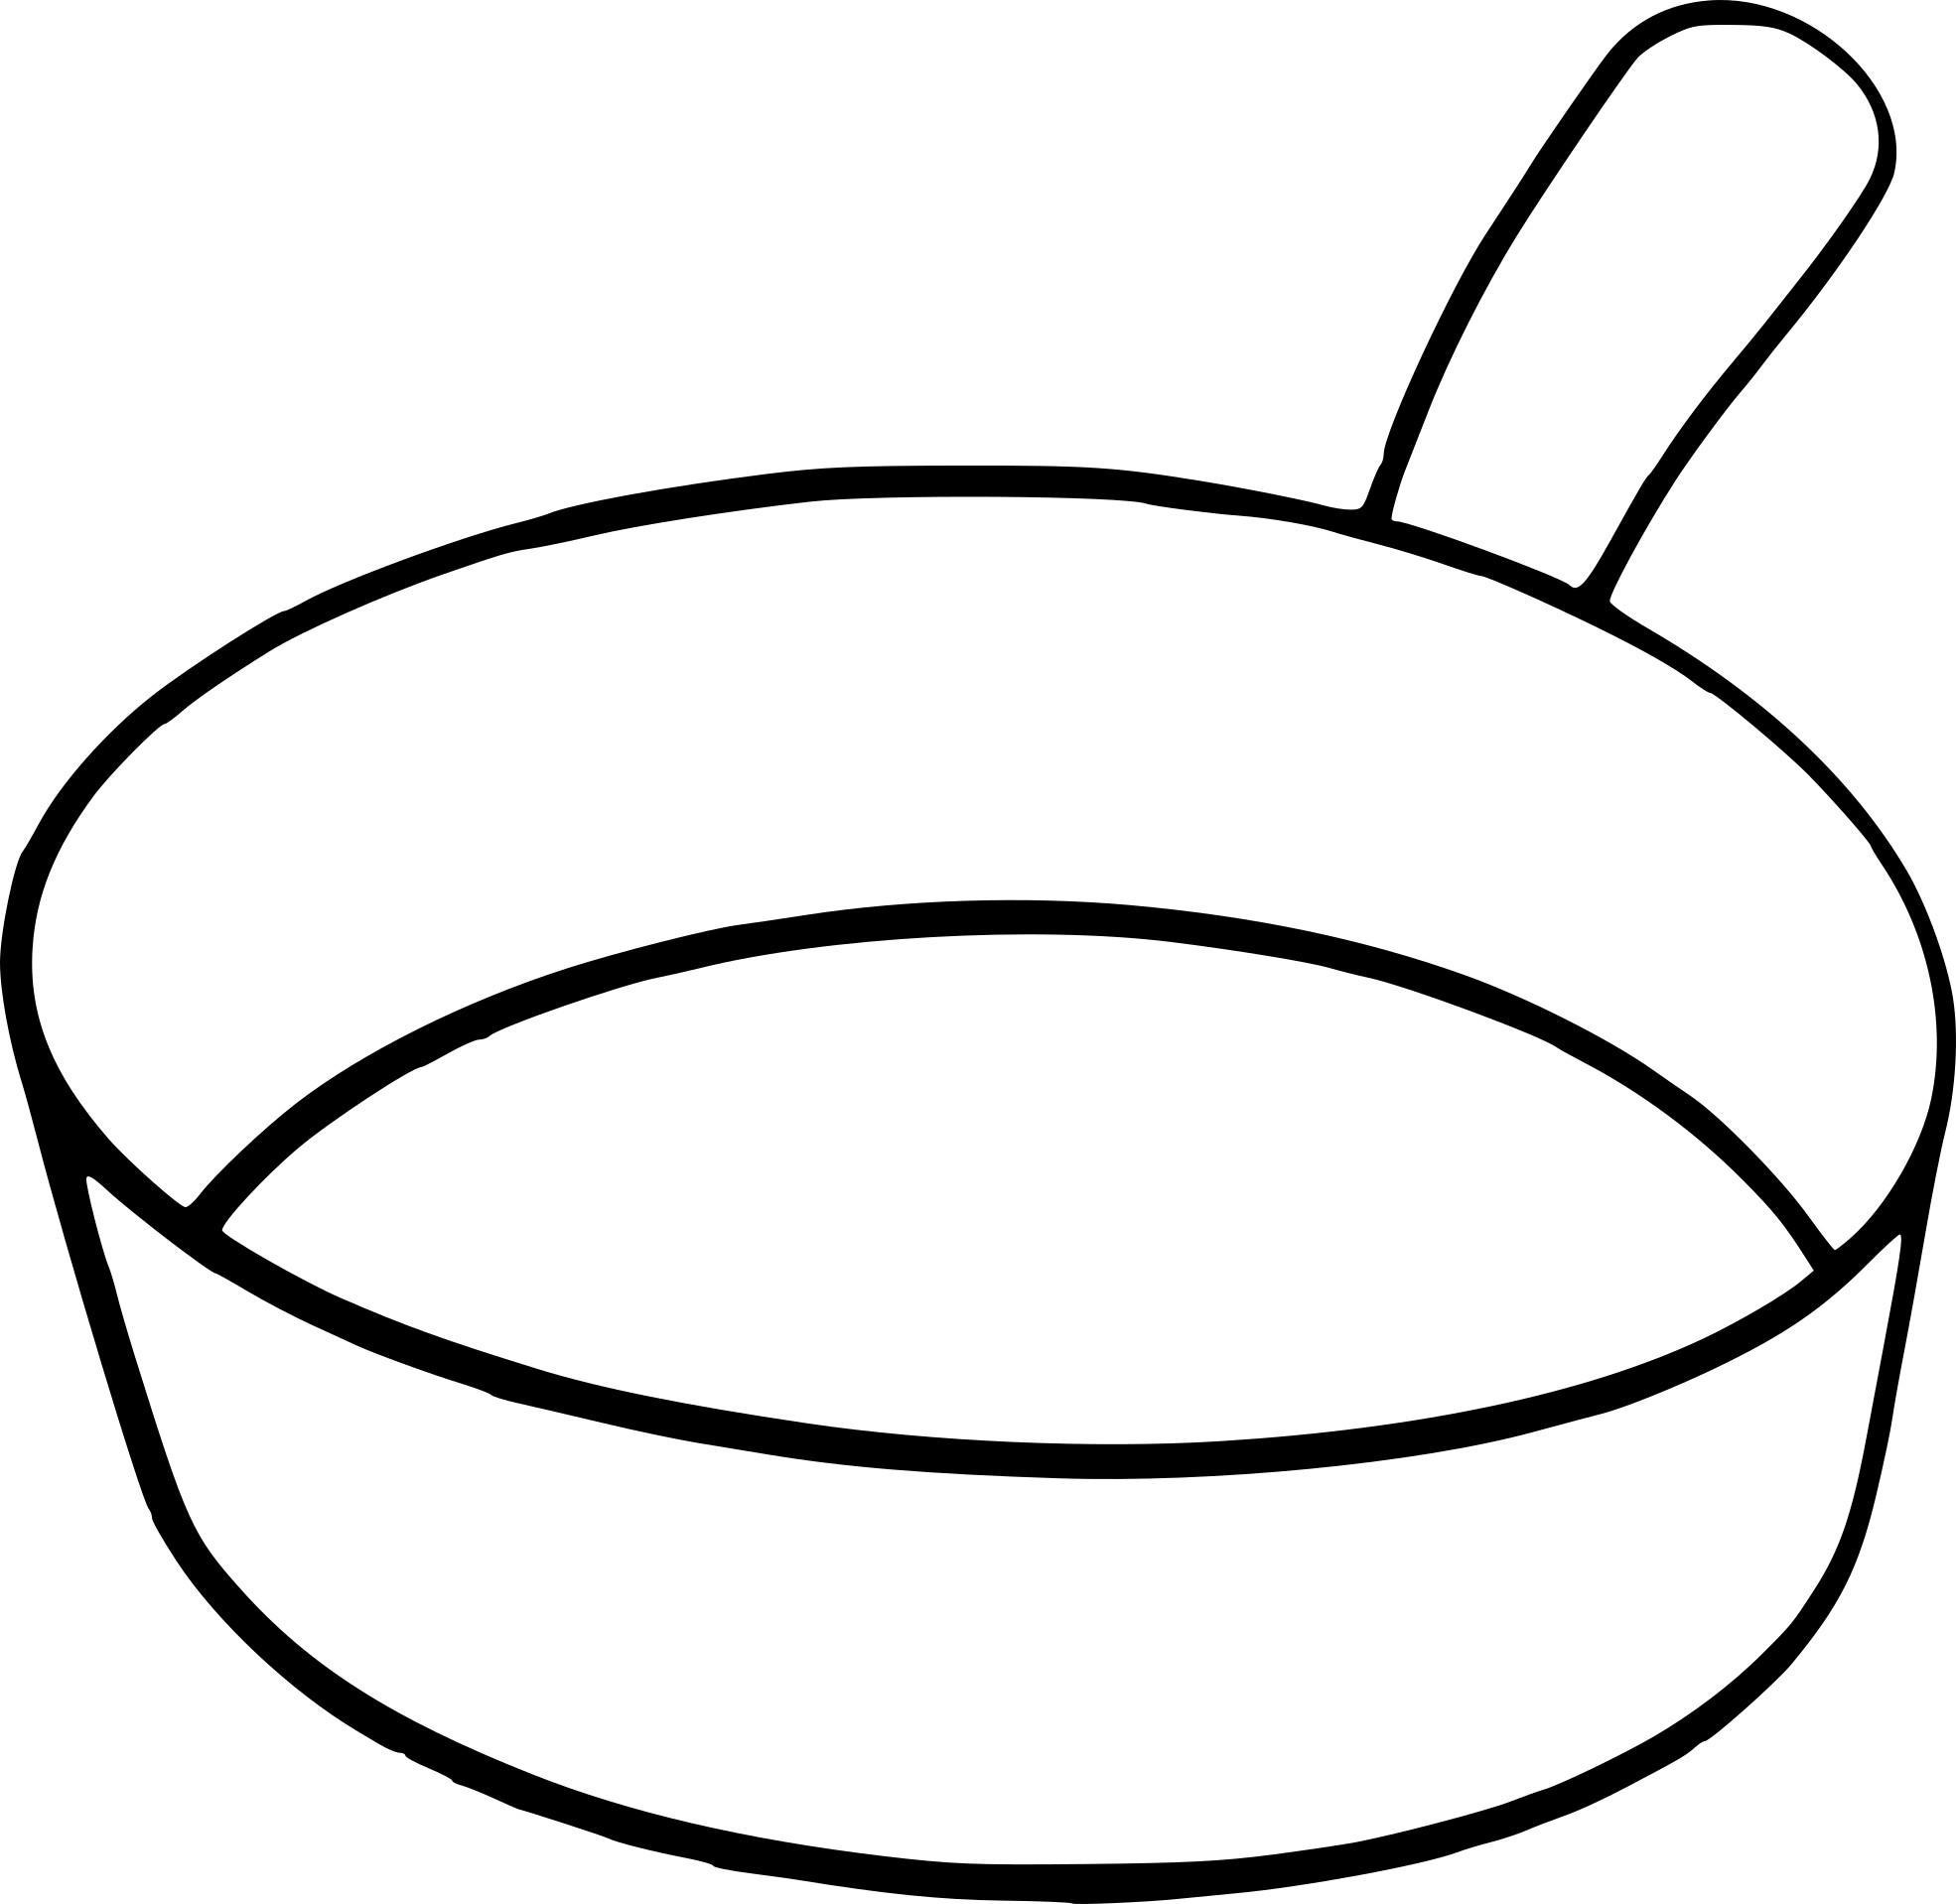 Coloriage casserole imprimer - Casserole dessin ...